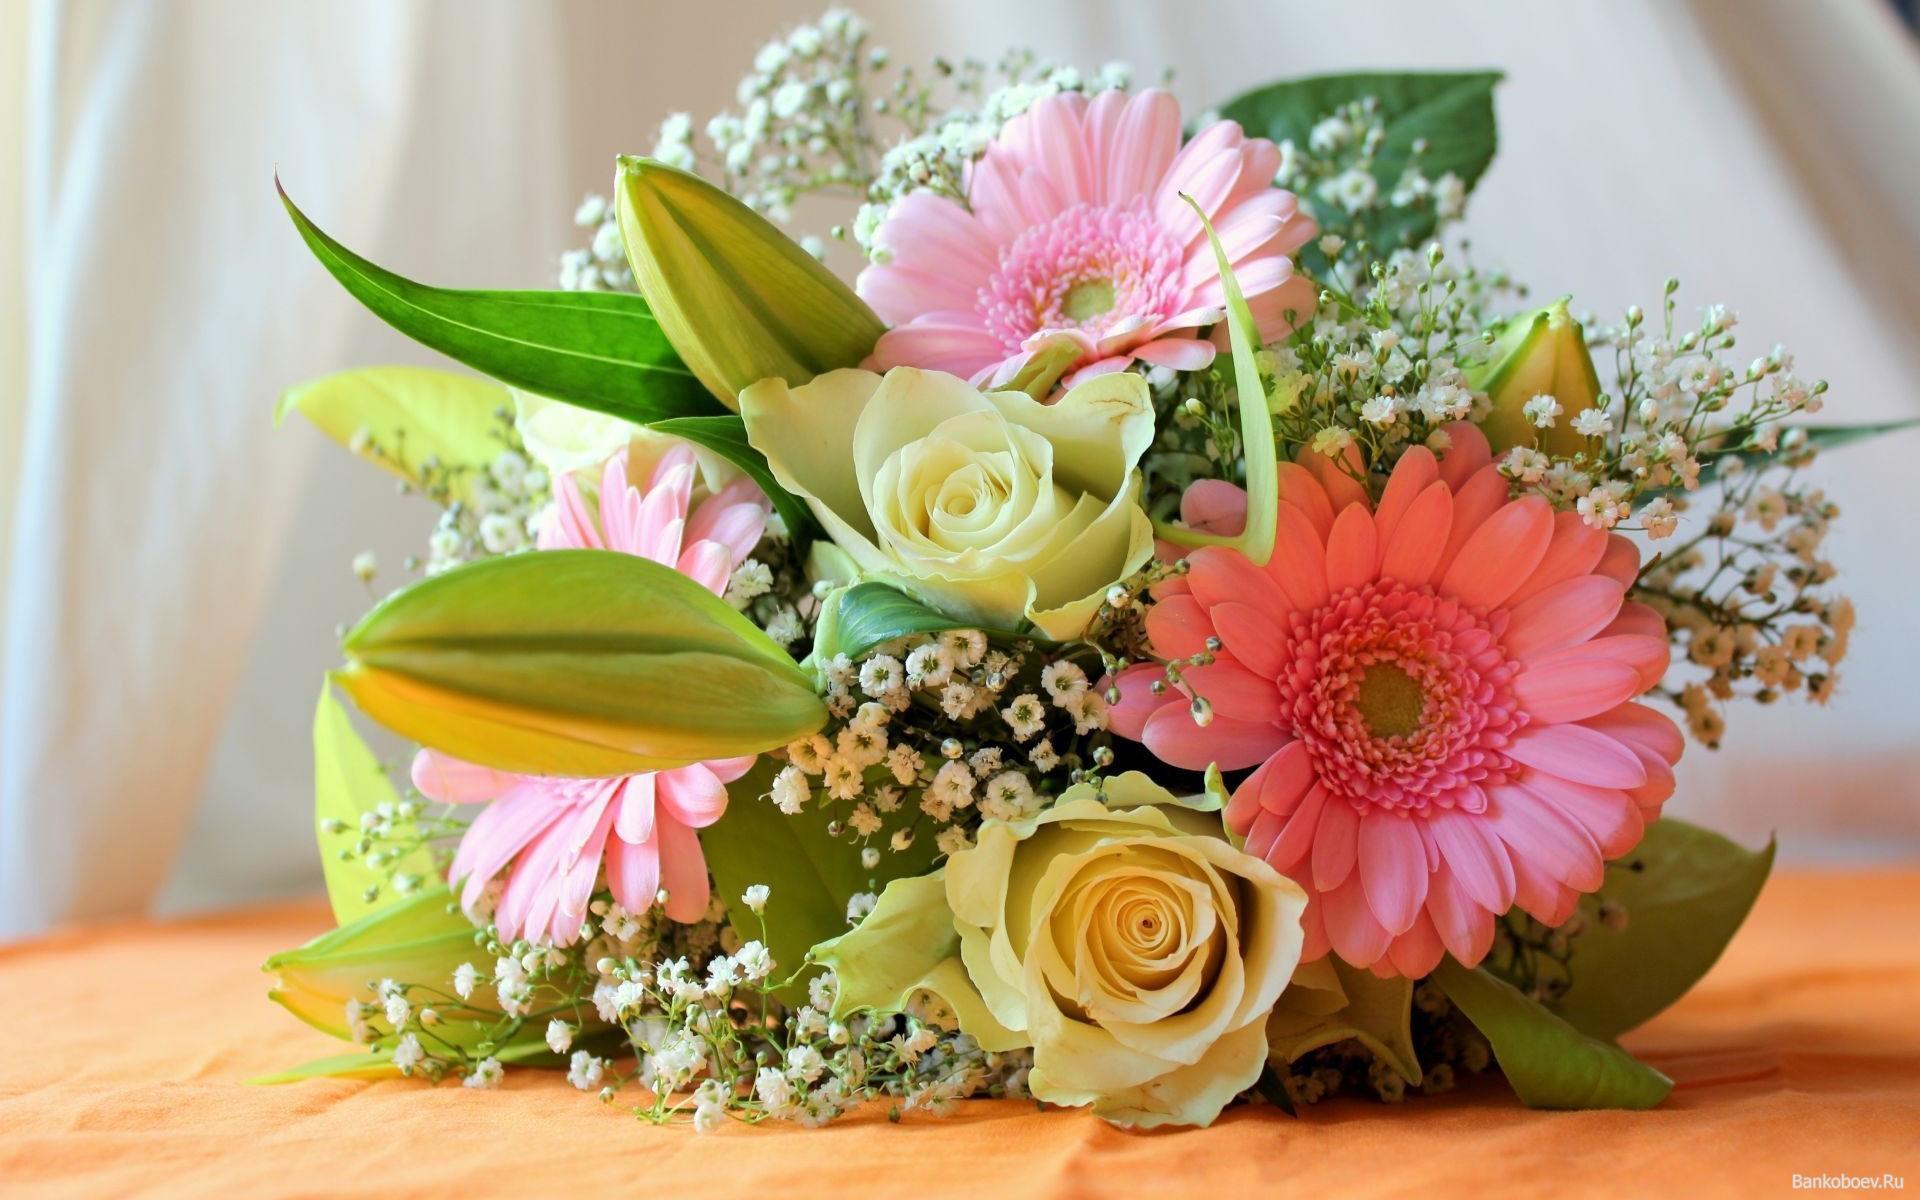 Скачать бесплатно картинки красивый букет цветов в